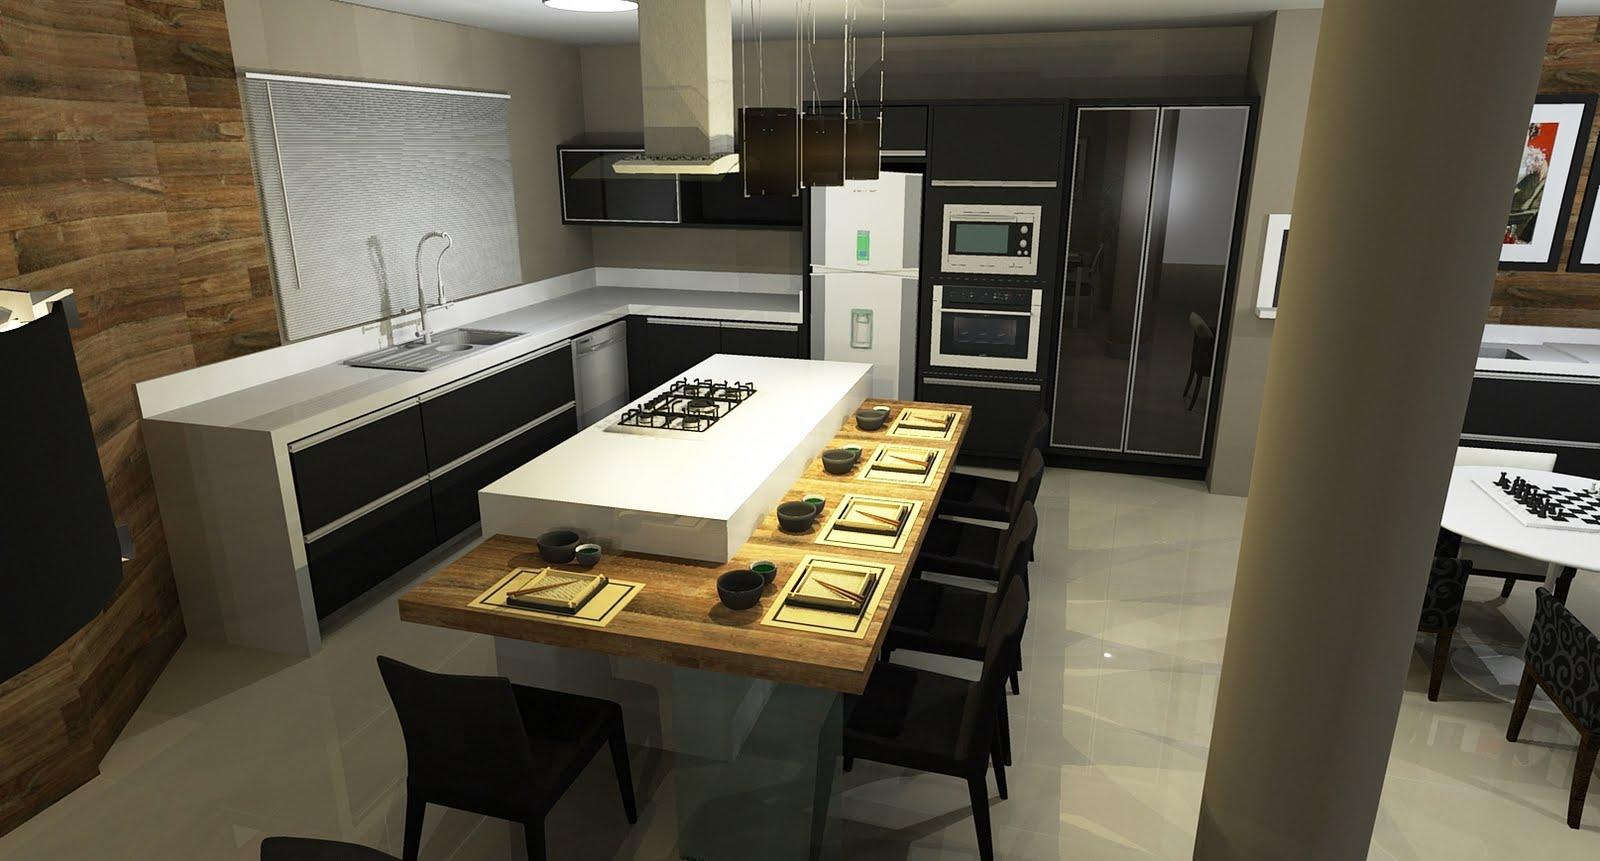 Área de festas e cozinha integradas #947137 1600 861